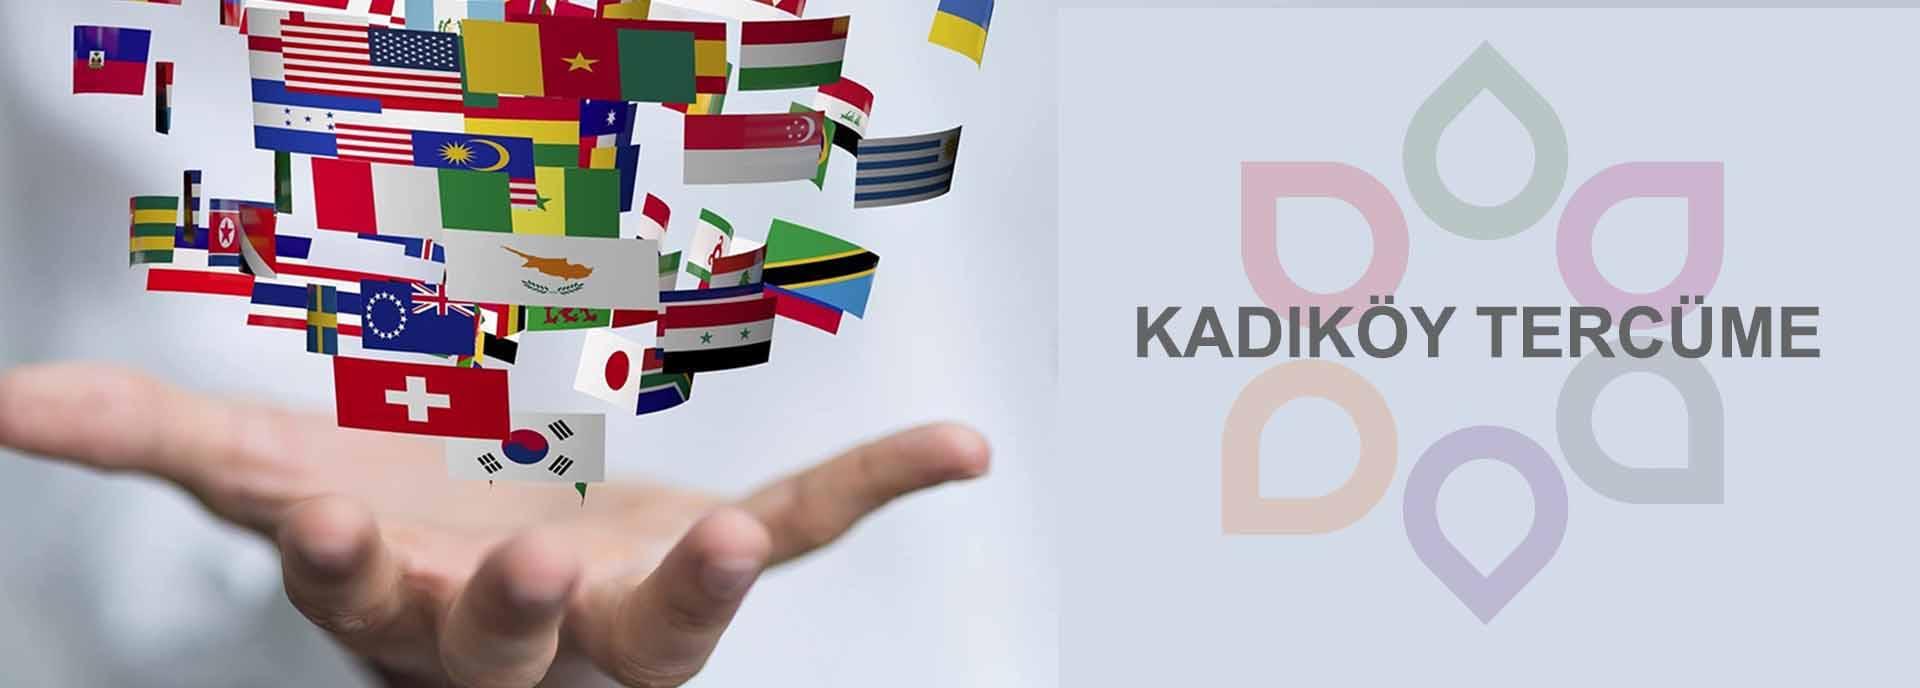 Kadıköy'de yeminli tercüme işleriniz için Kadıköy merkezdeki tercüme büromuzu arayarak, tercüme belgelerinizi bize mail yoluyla veya kargoyla ulaştırabilirsiniz. Kadıköy bölgesinde çok sayıda müşterilerimize her türlü belgelerin noter yeminli tercüme işlemlerini büyük titizlikle ve hızlı bir şekilde tamamlayarak müşterilerimizin adresine kurye veya kargo ile gönderiyoruz.